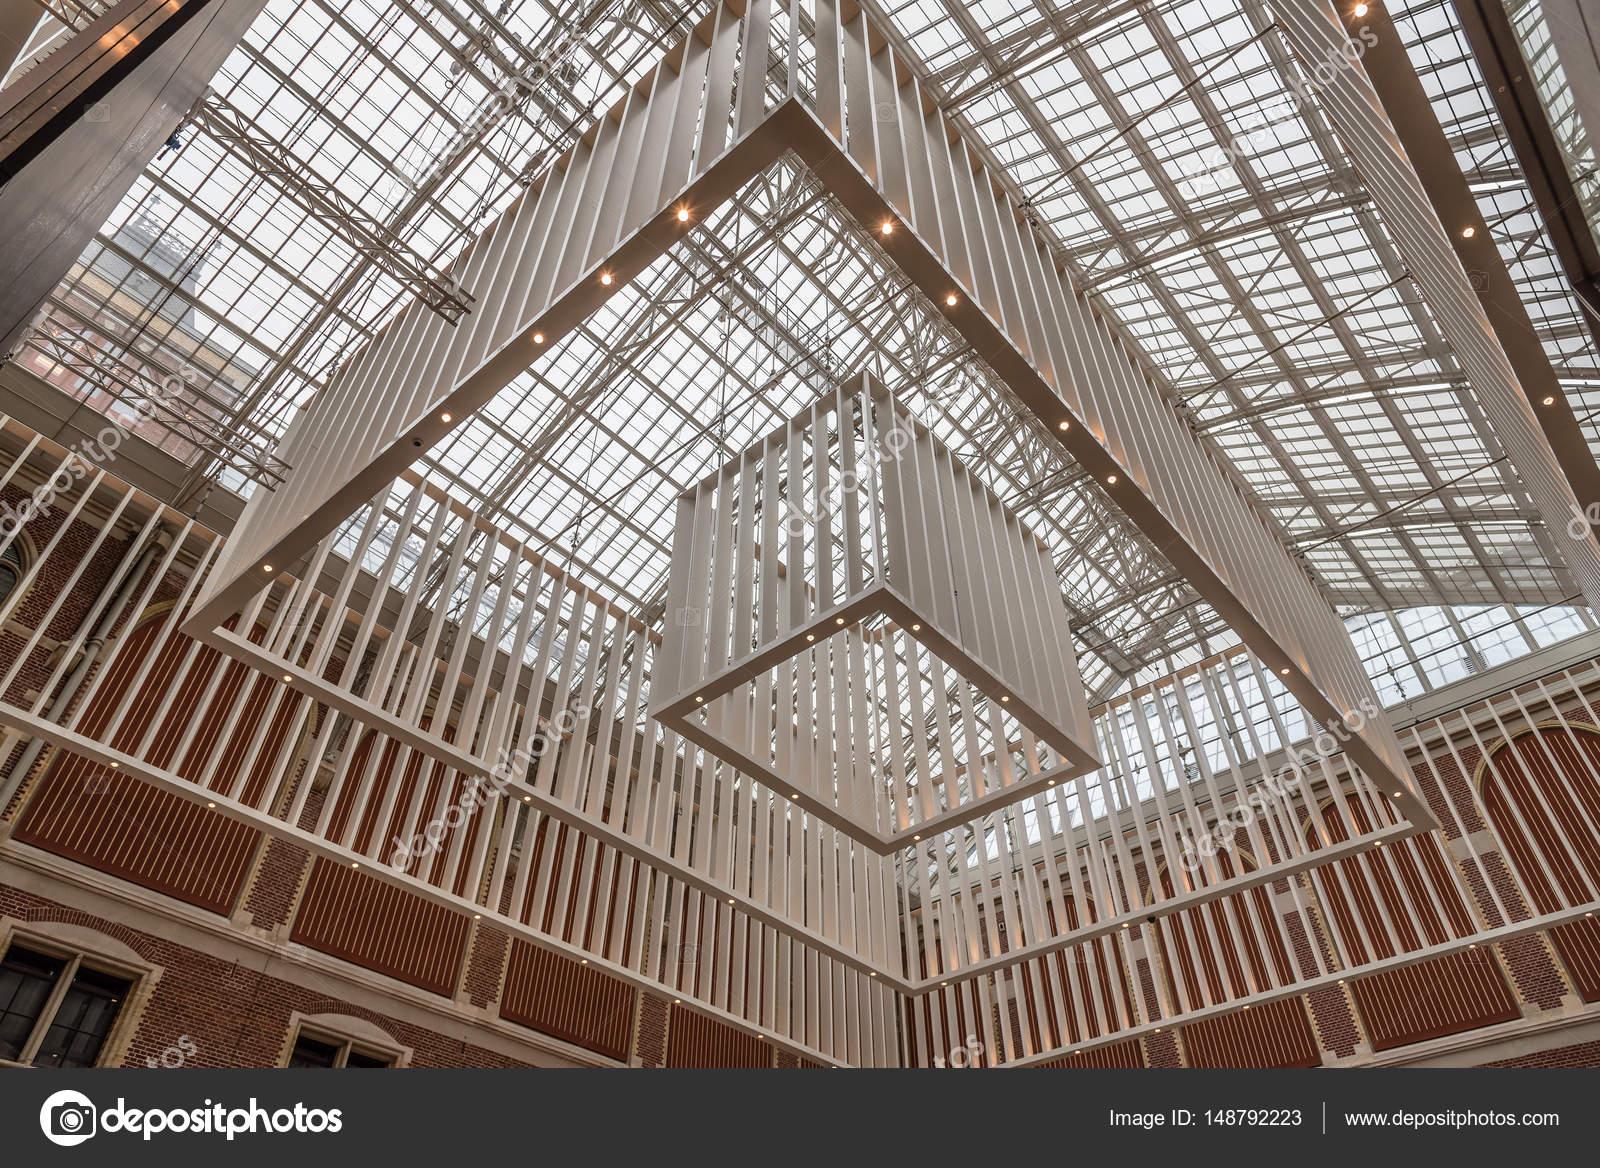 https://st3.depositphotos.com/4118055/14879/i/1600/depositphotos_148792223-stockafbeelding-interieur-van-het-rijksmuseum-in.jpg